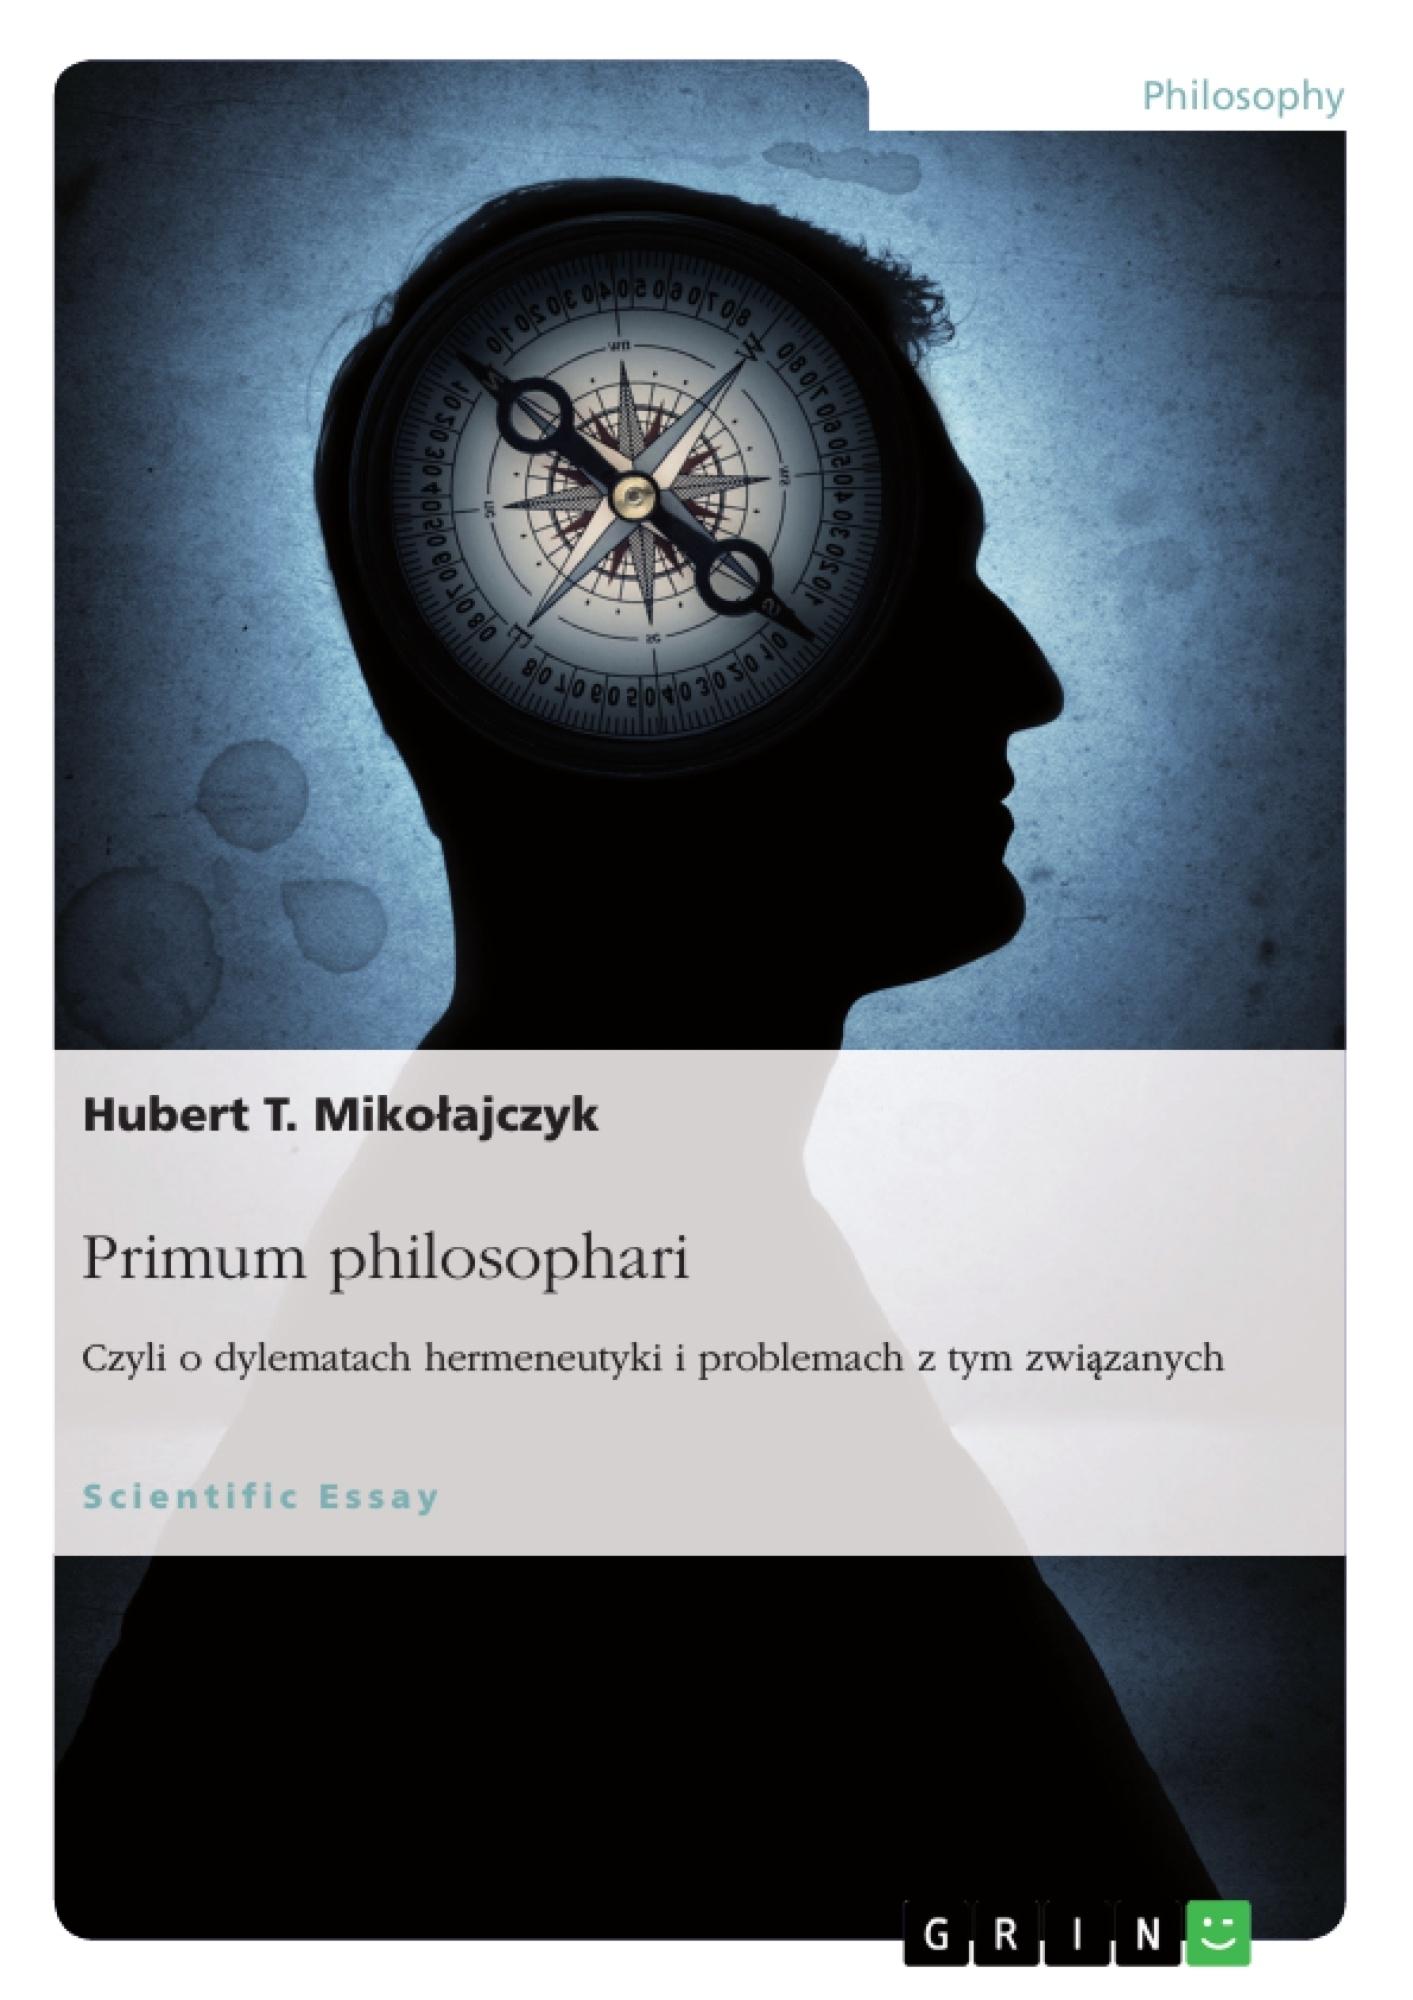 Title: Primum philosophari. Czyli o dylematach hermeneutyki i problemach z tym związanych